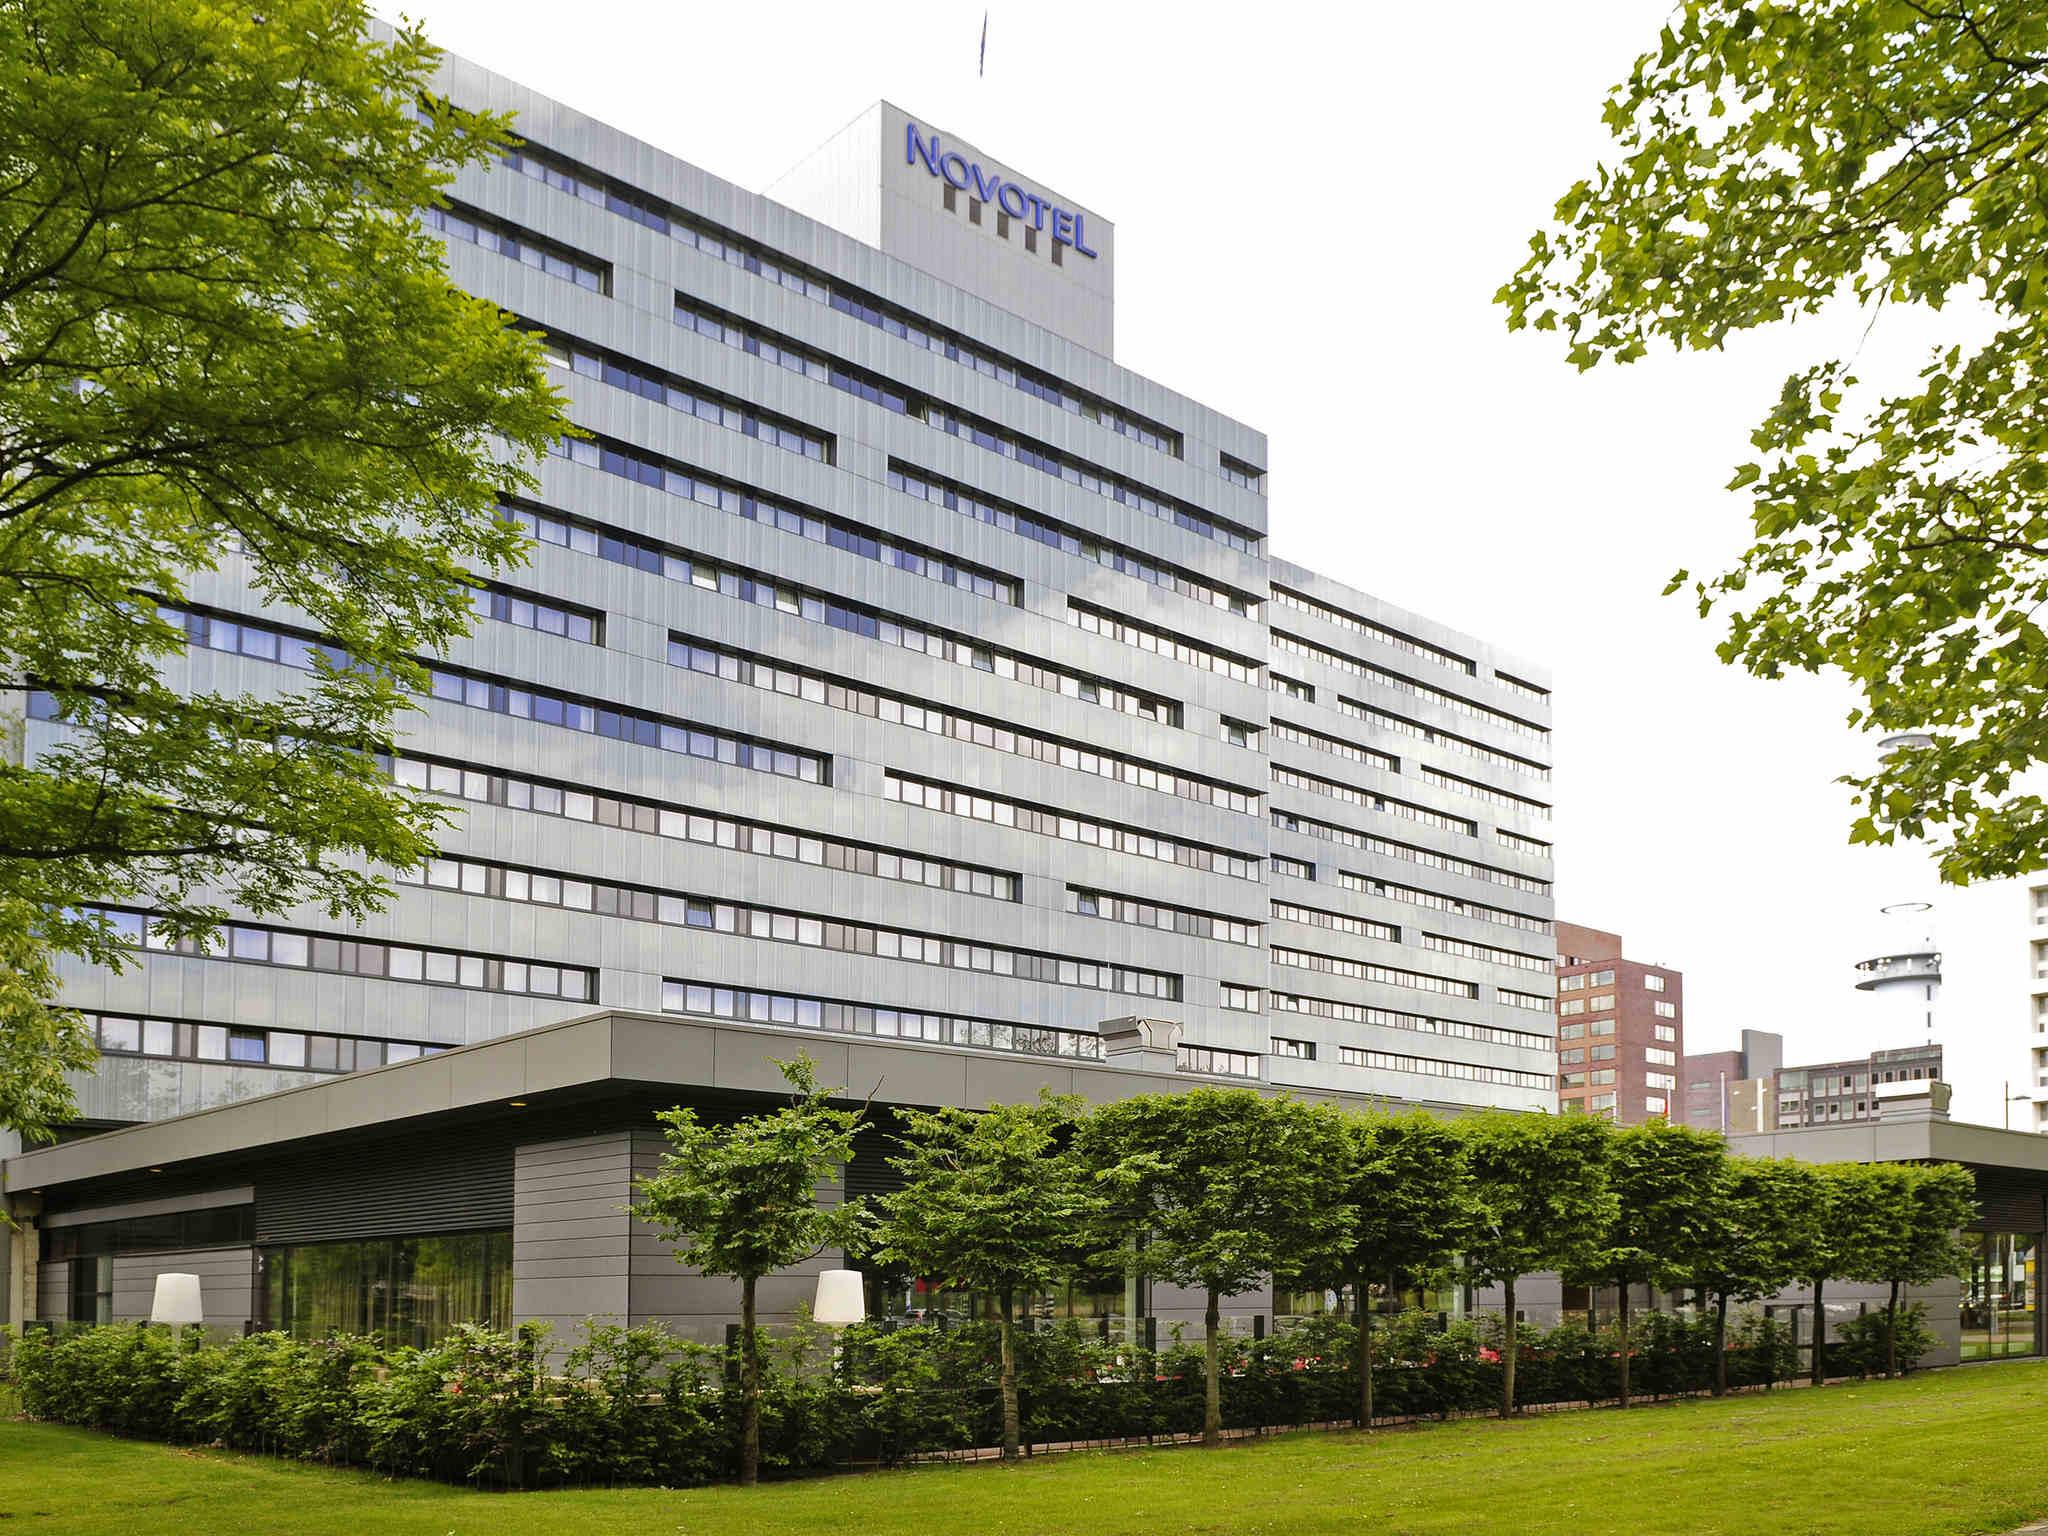 酒店 – 阿姆斯特丹市诺富特酒店